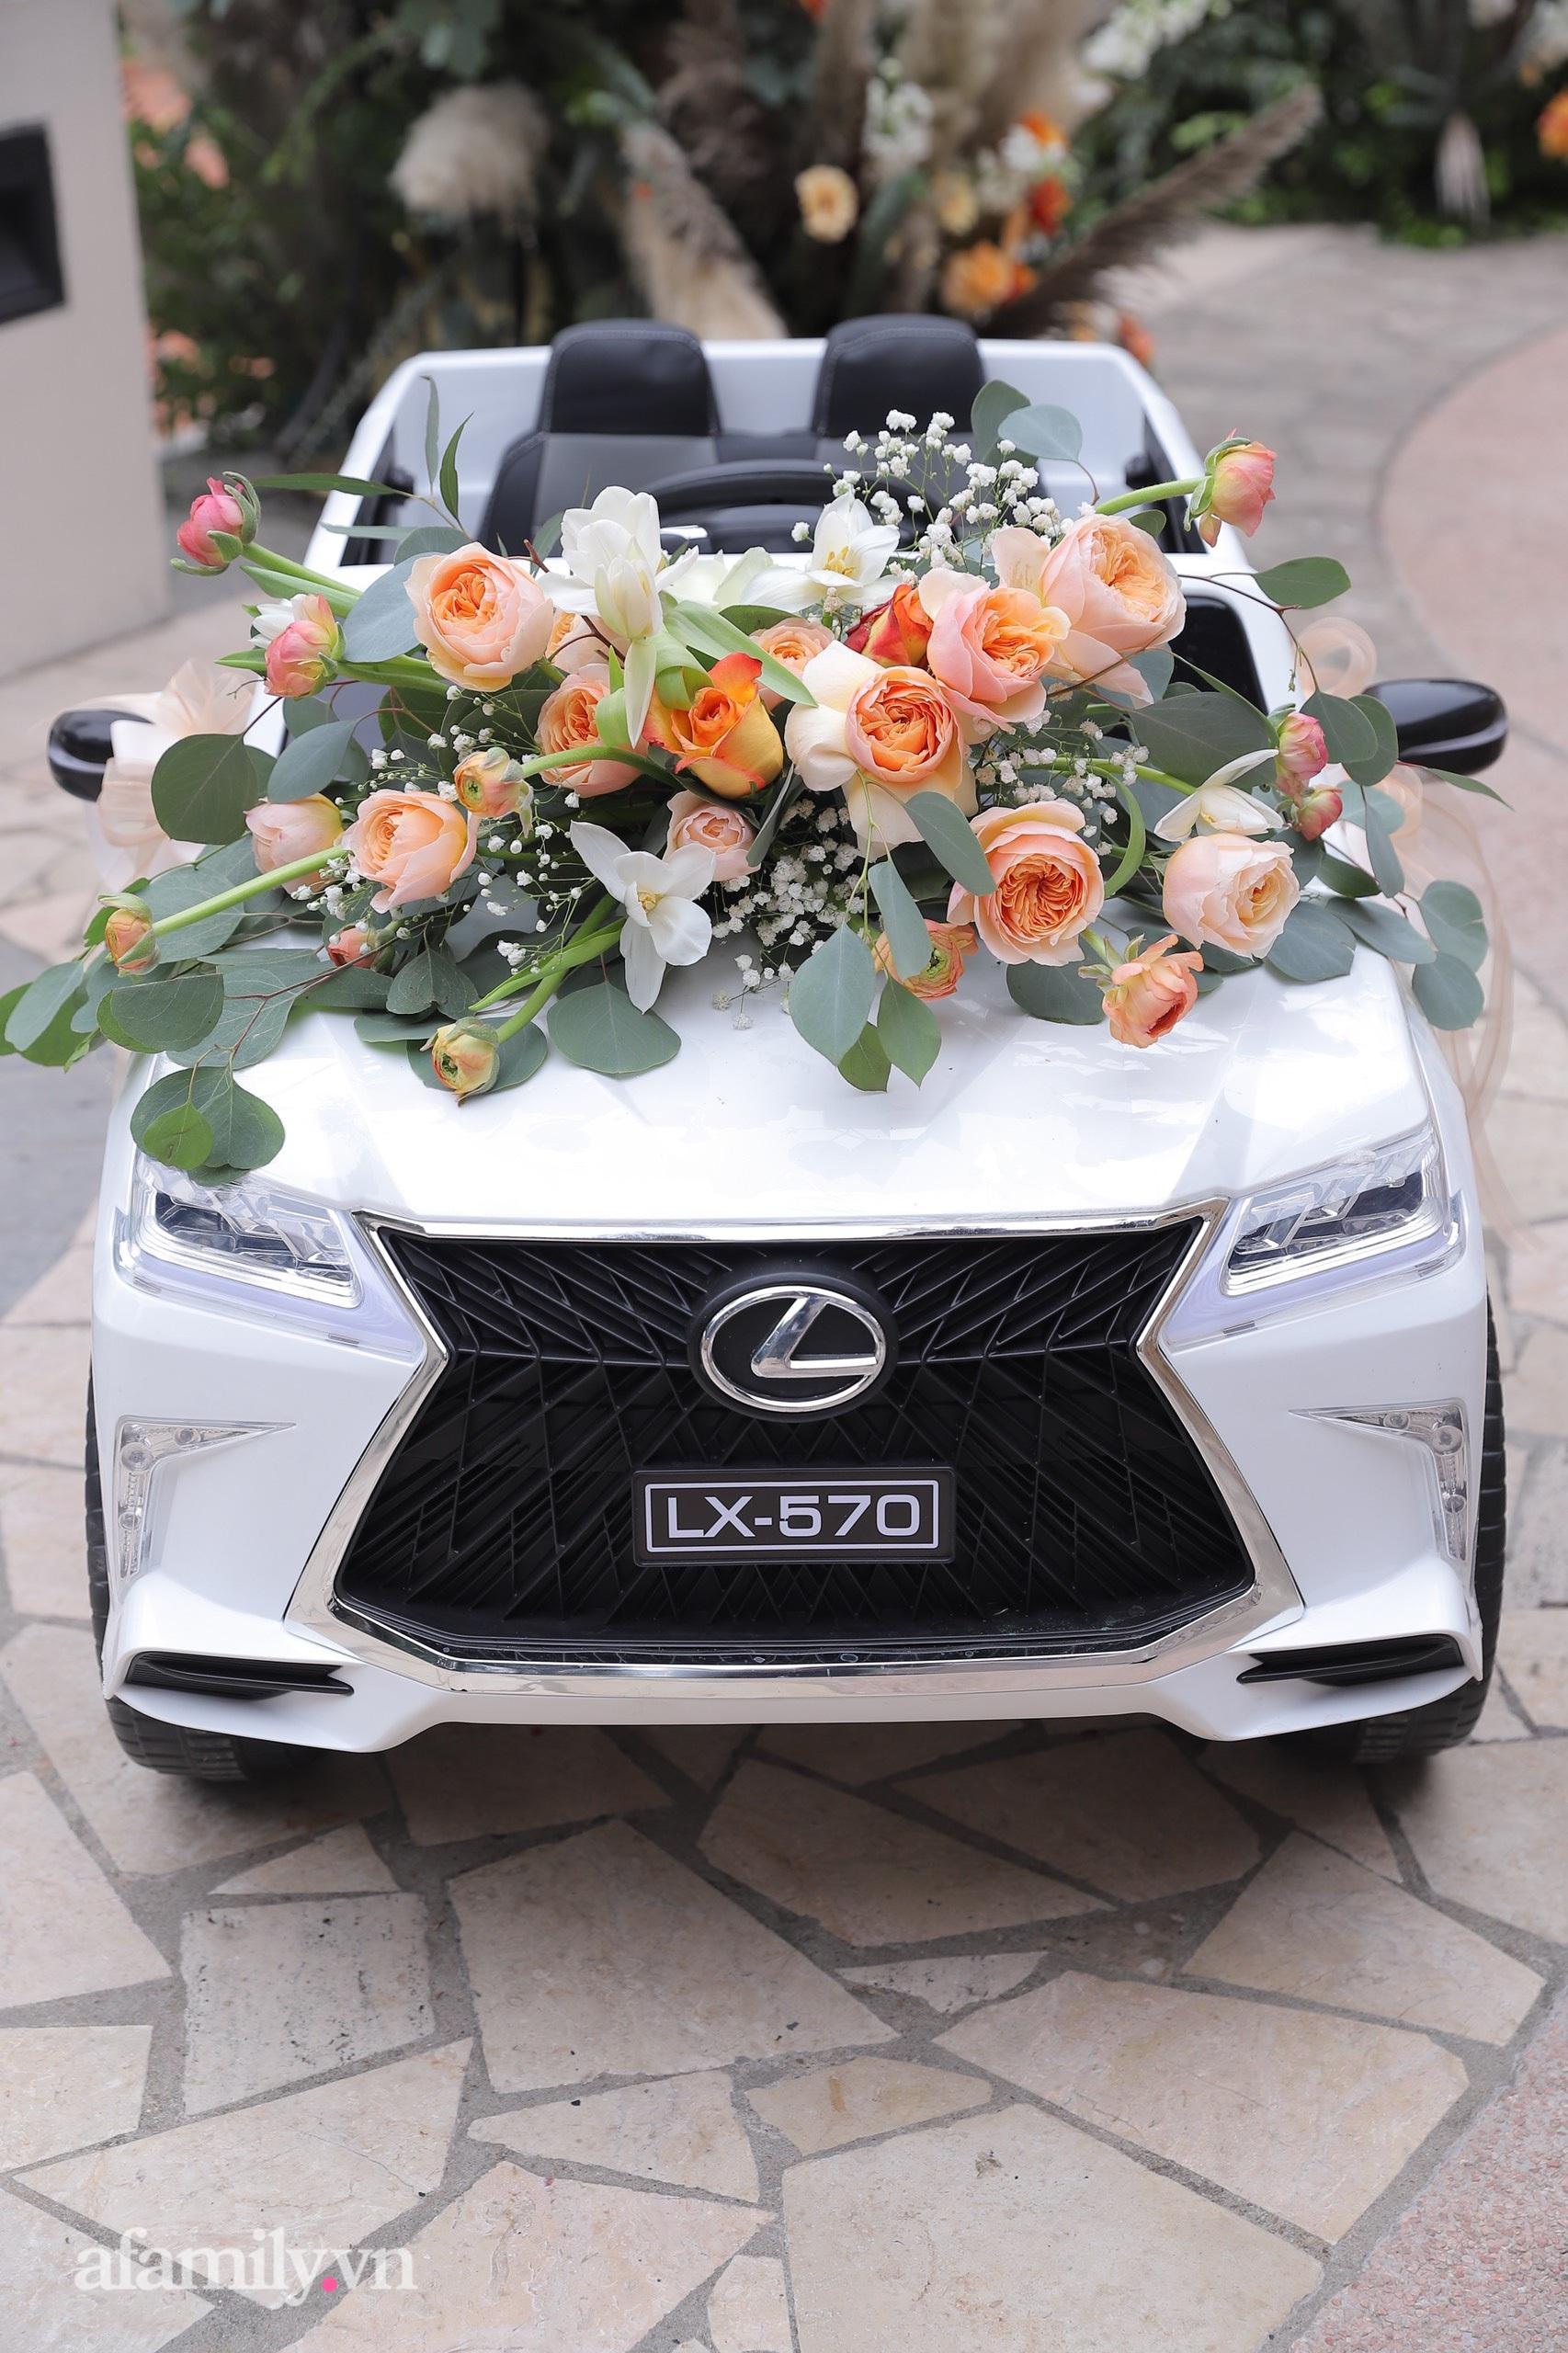 Đám cưới Bùi Tiến Dũng - Khánh Linh, cô dâu cười tươi rạng rỡ dù thời tiết Hà Nội đang rất lạnh-4